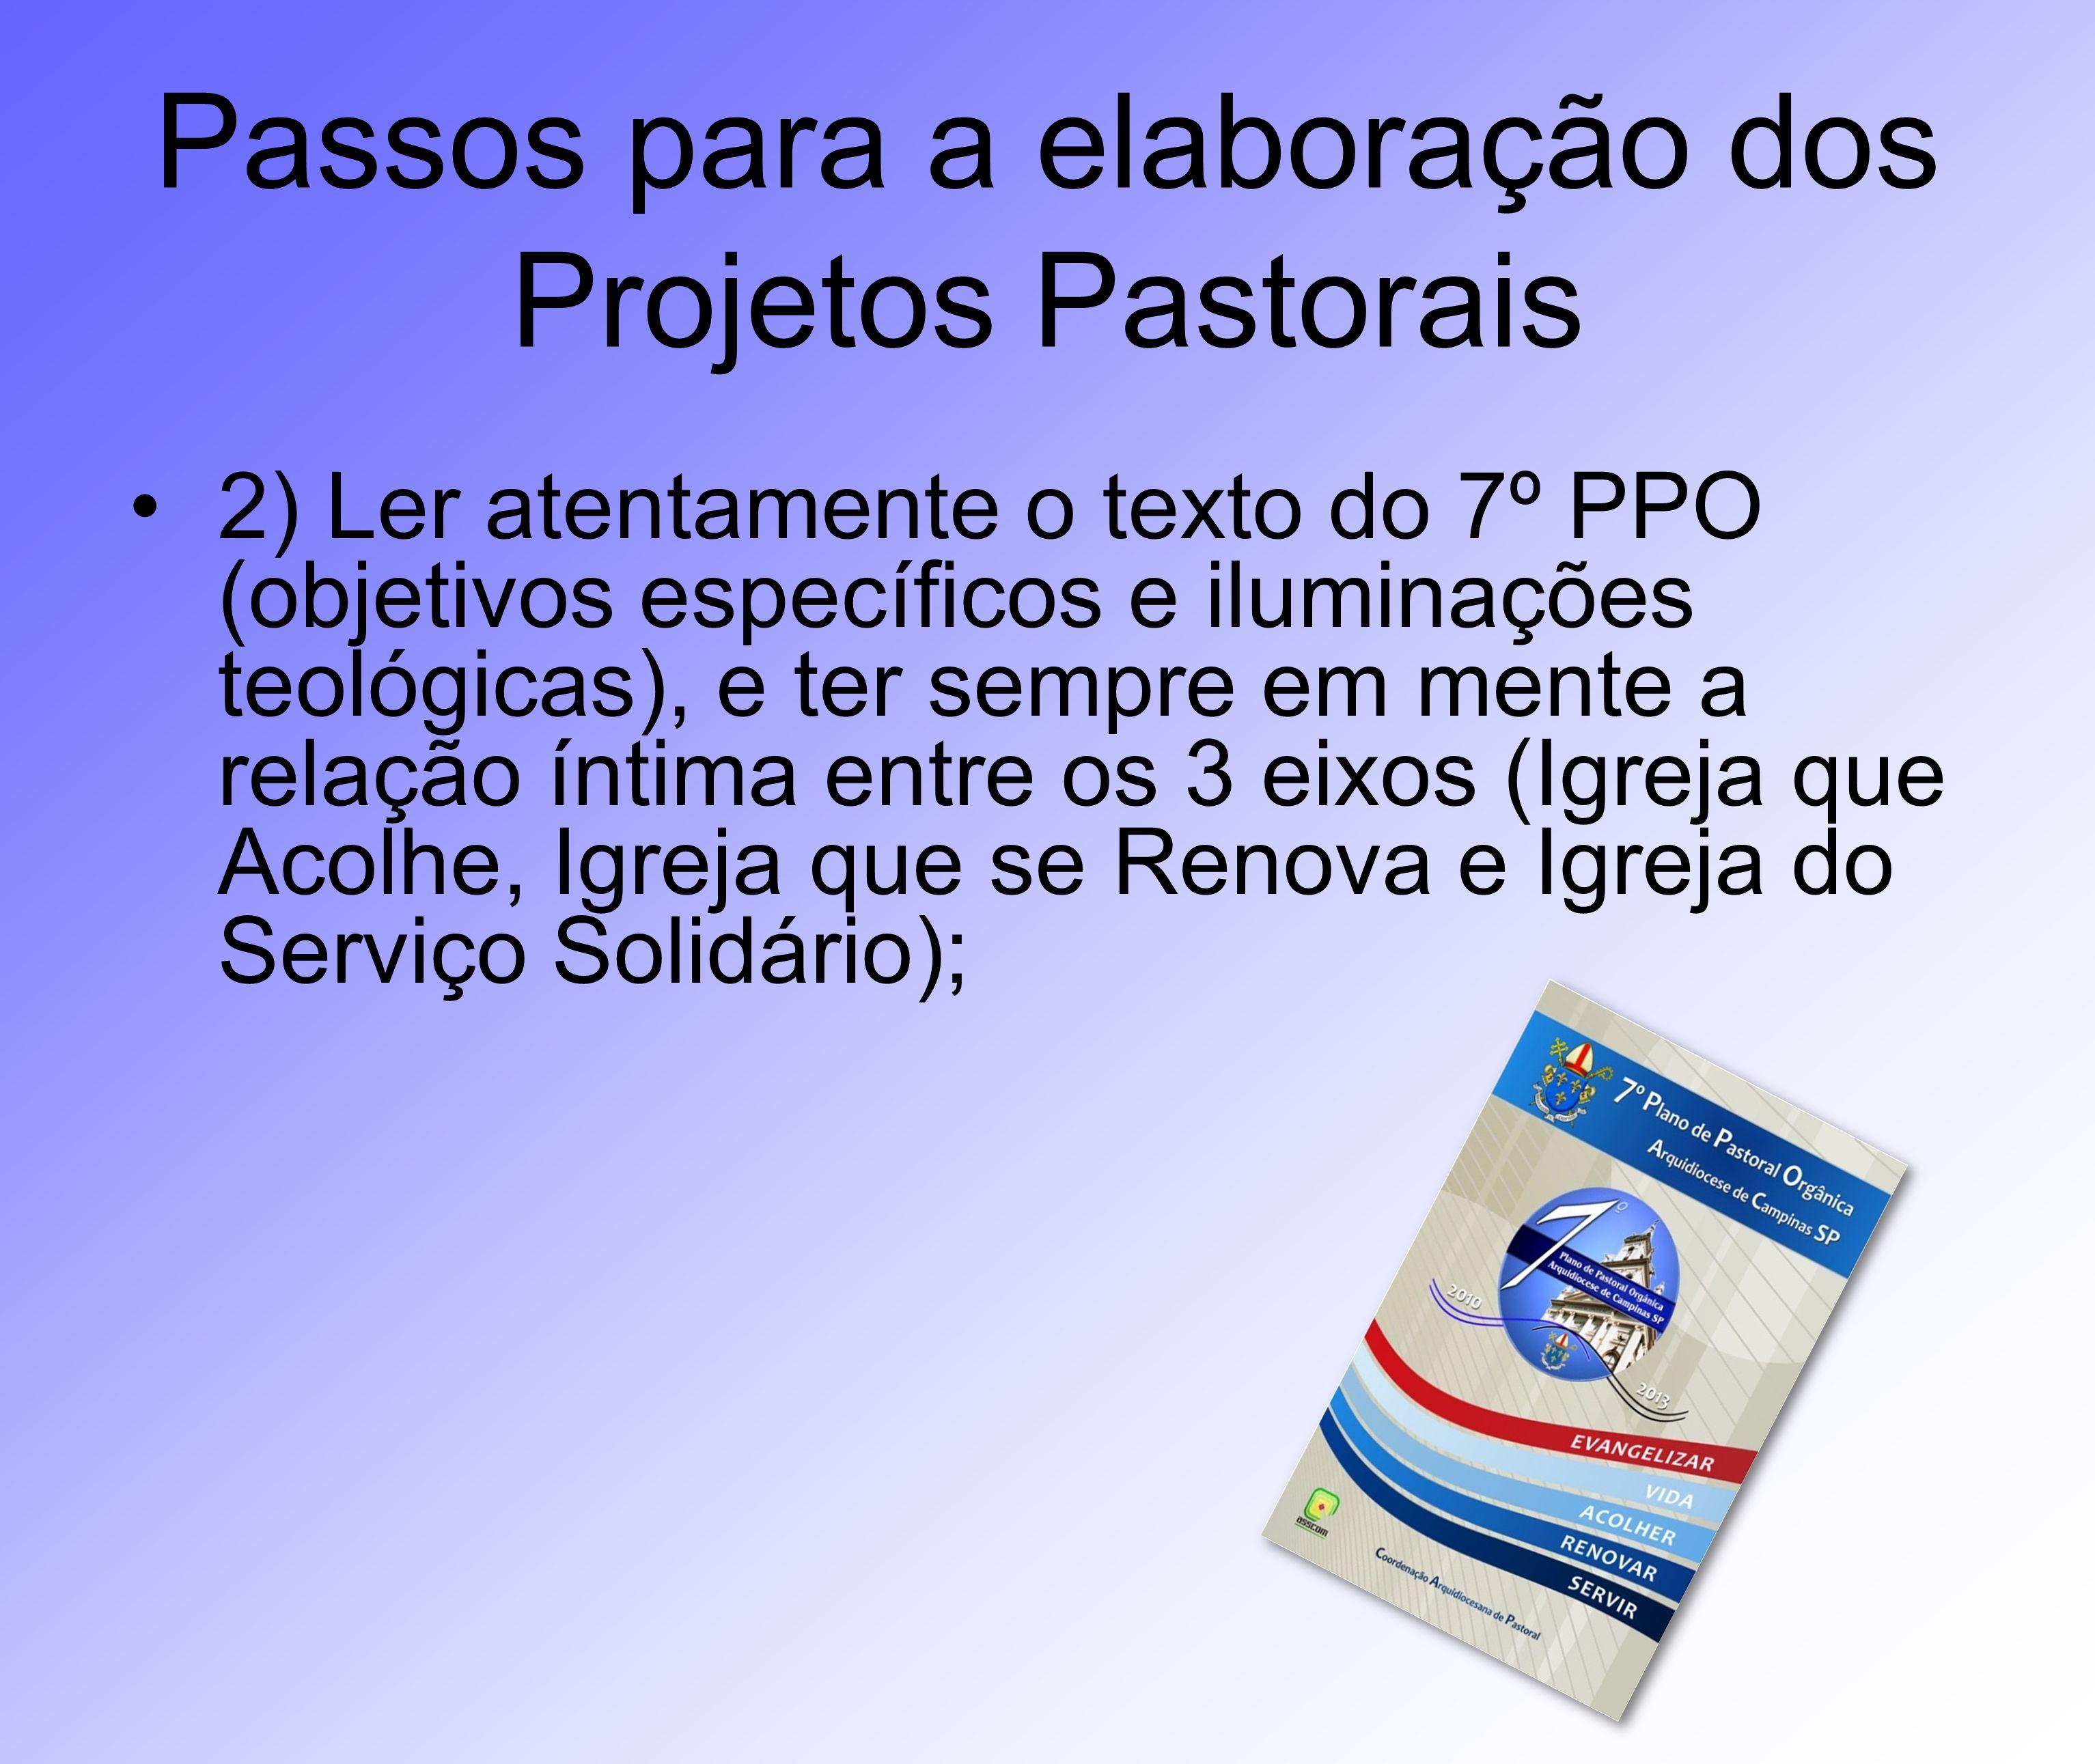 Passos para a elaboração dos Projetos Pastorais 3) Identificar, no Plano, os objetivos específicos que contemplam as necessidades apontadas no diagnóstico; Diagnóstico Pastoral Objetivos Específicos do 7° PPO Projetos de ação pastoral